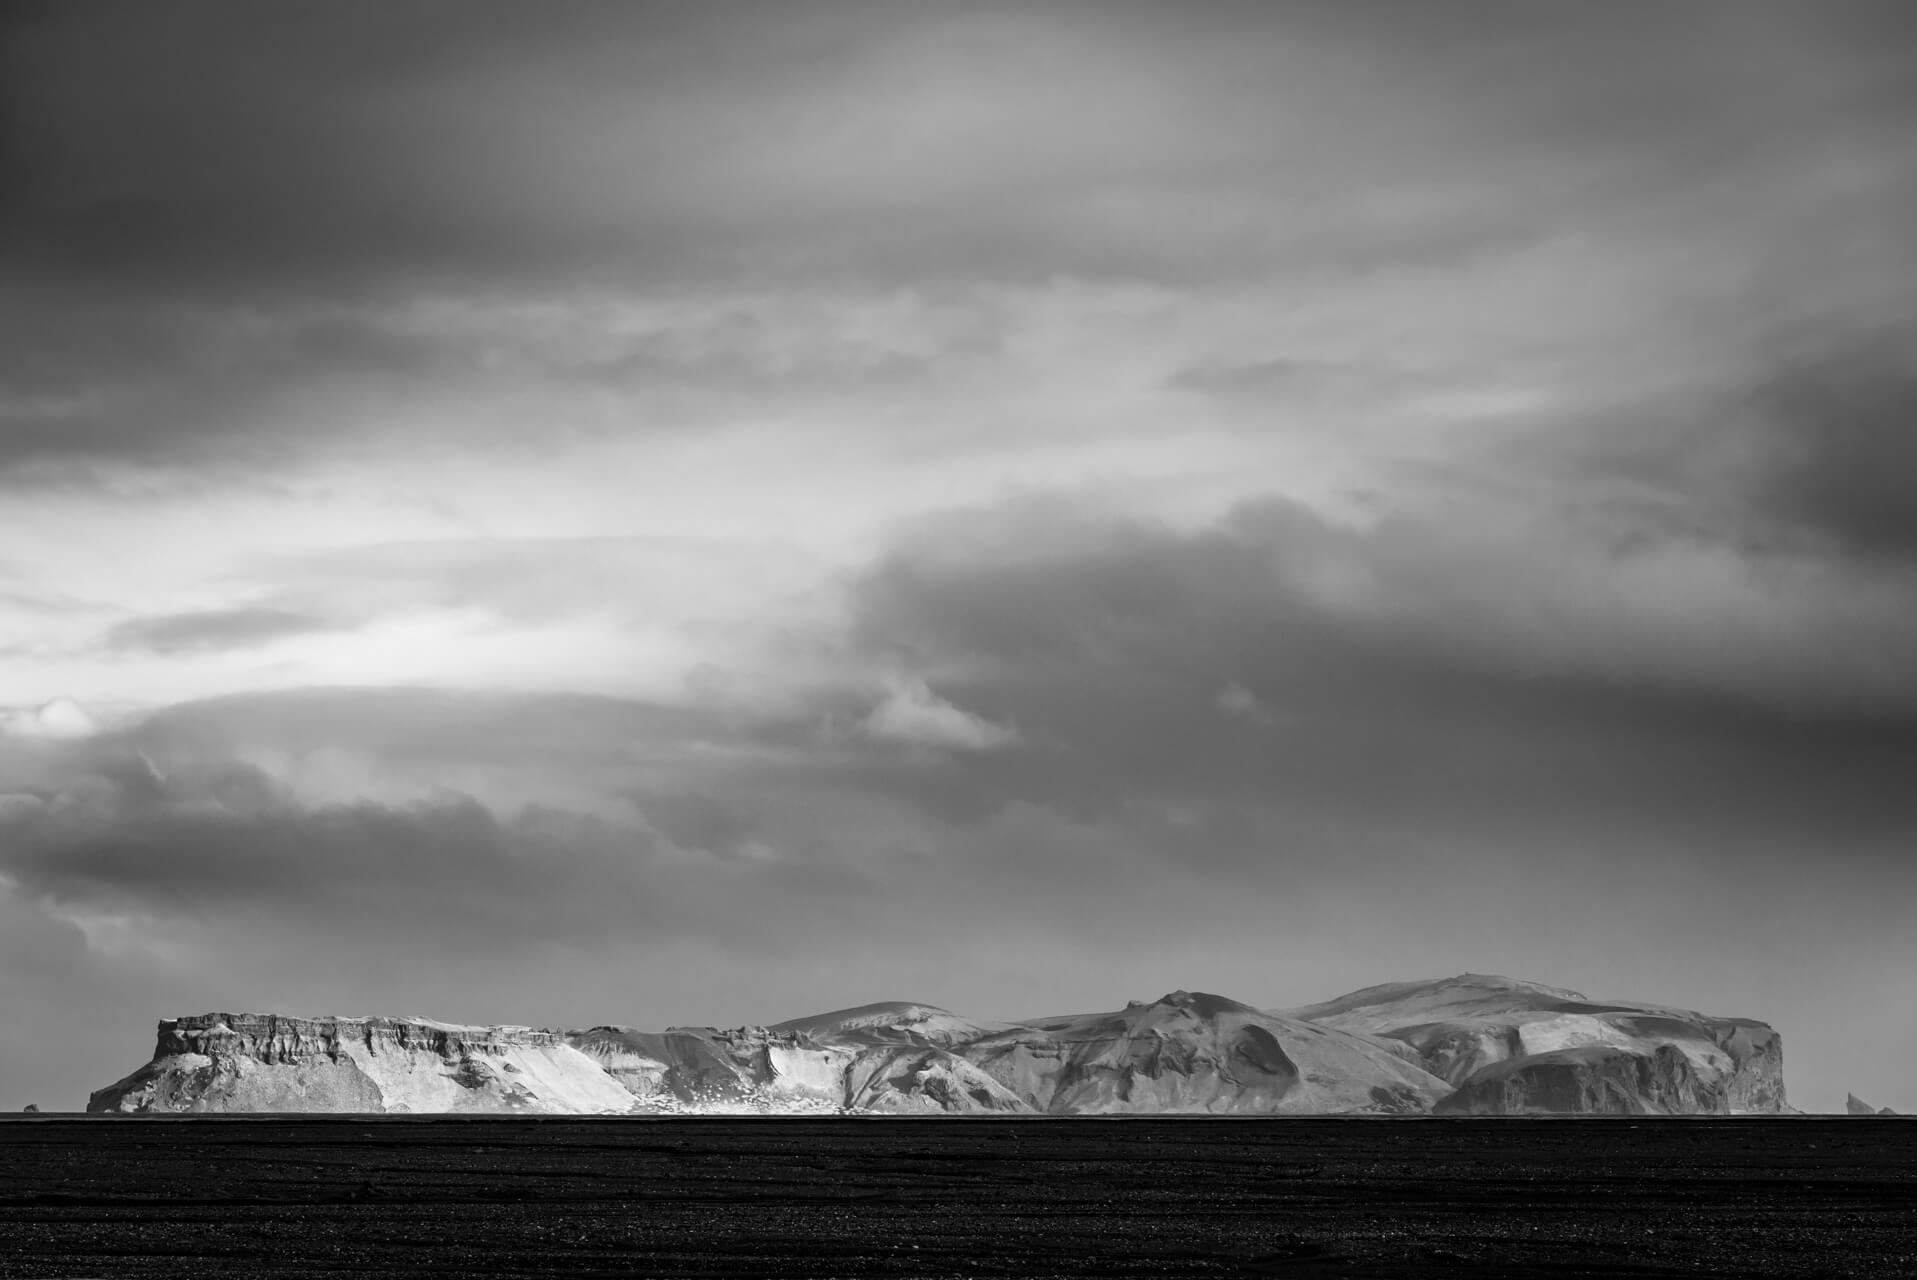 Island monochrom, Hjörleifshöfði; Fotograf Steffen Lohse